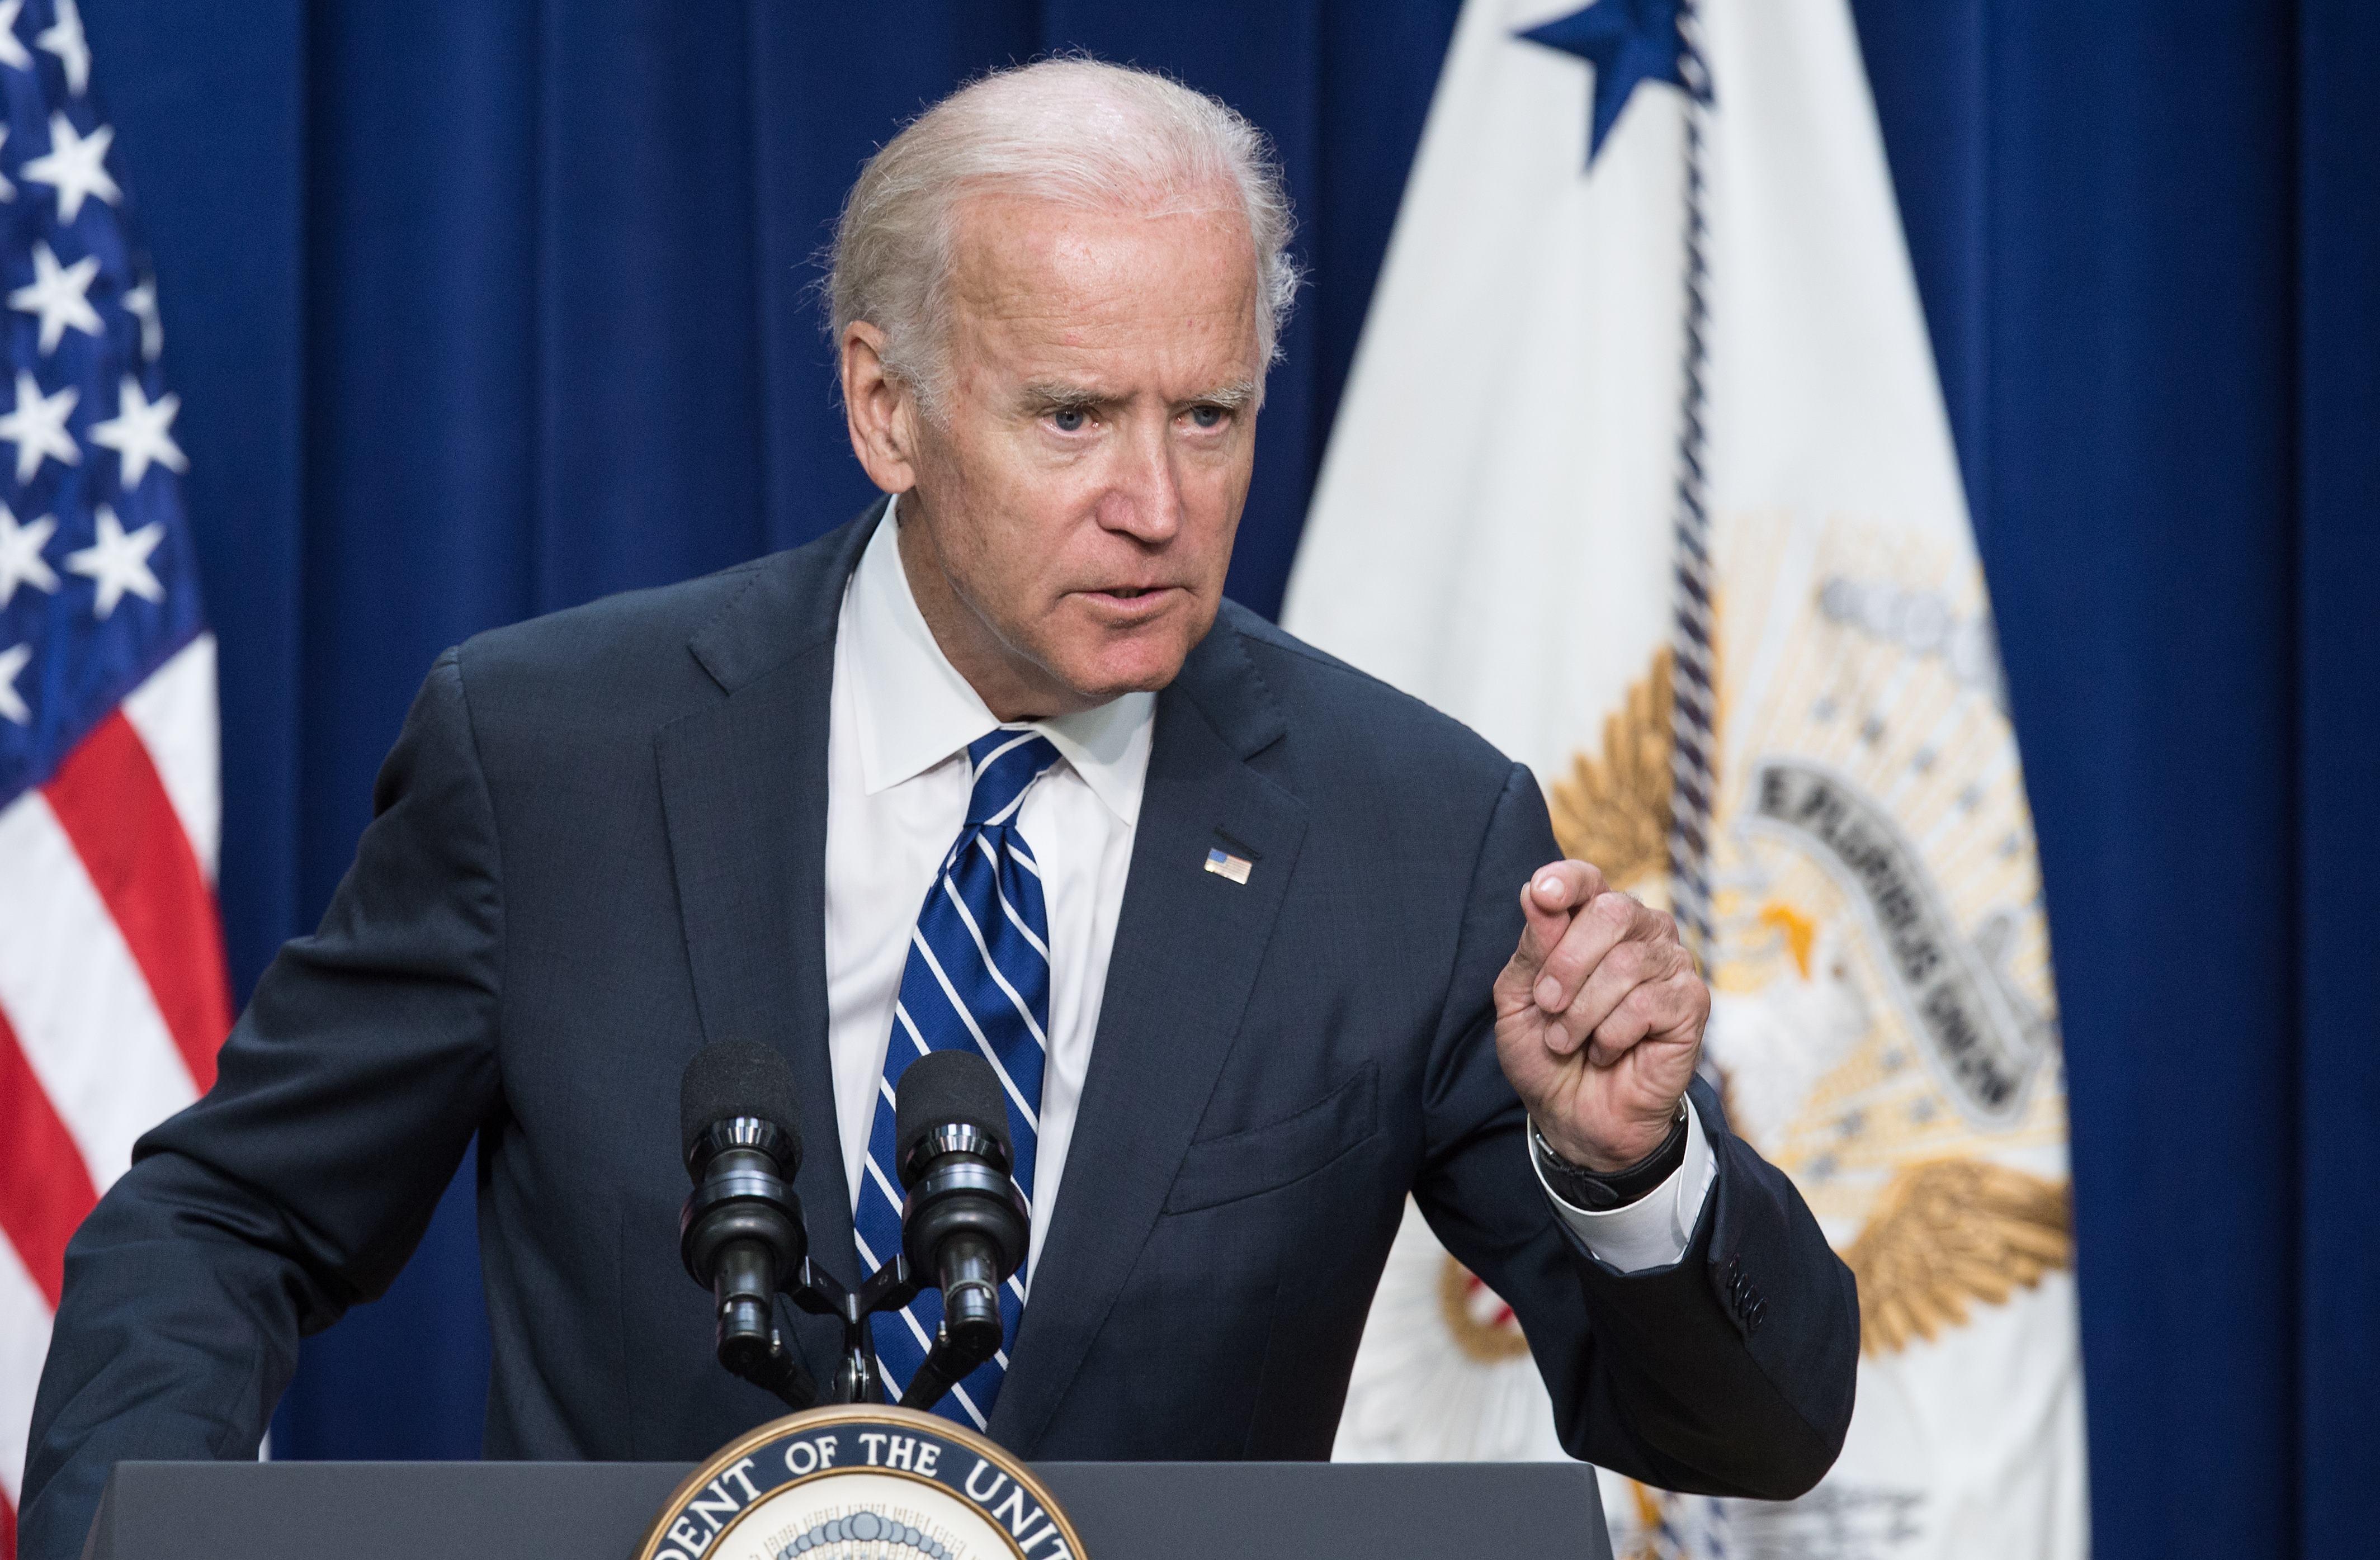 Vice President Joe Biden earlier this week in Washington. (NICHOLAS KAMM/AFP/Getty Images)